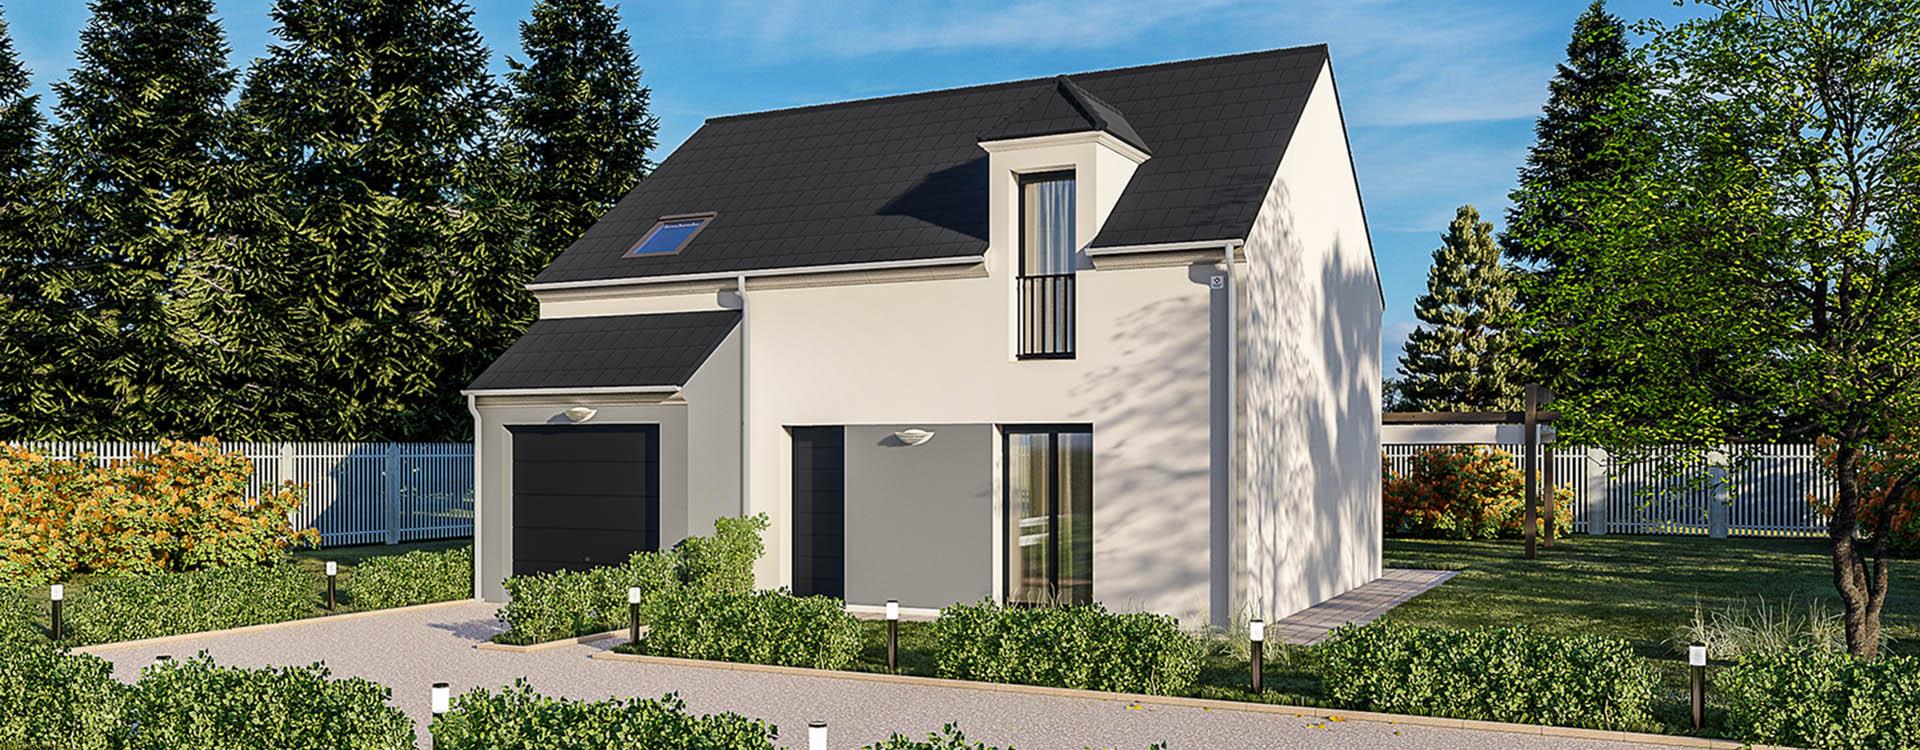 Maisons du constructeur MAISONS PIERRE MONTEVRAIN • 94 m² • CONDE SAINTE LIBIAIRE